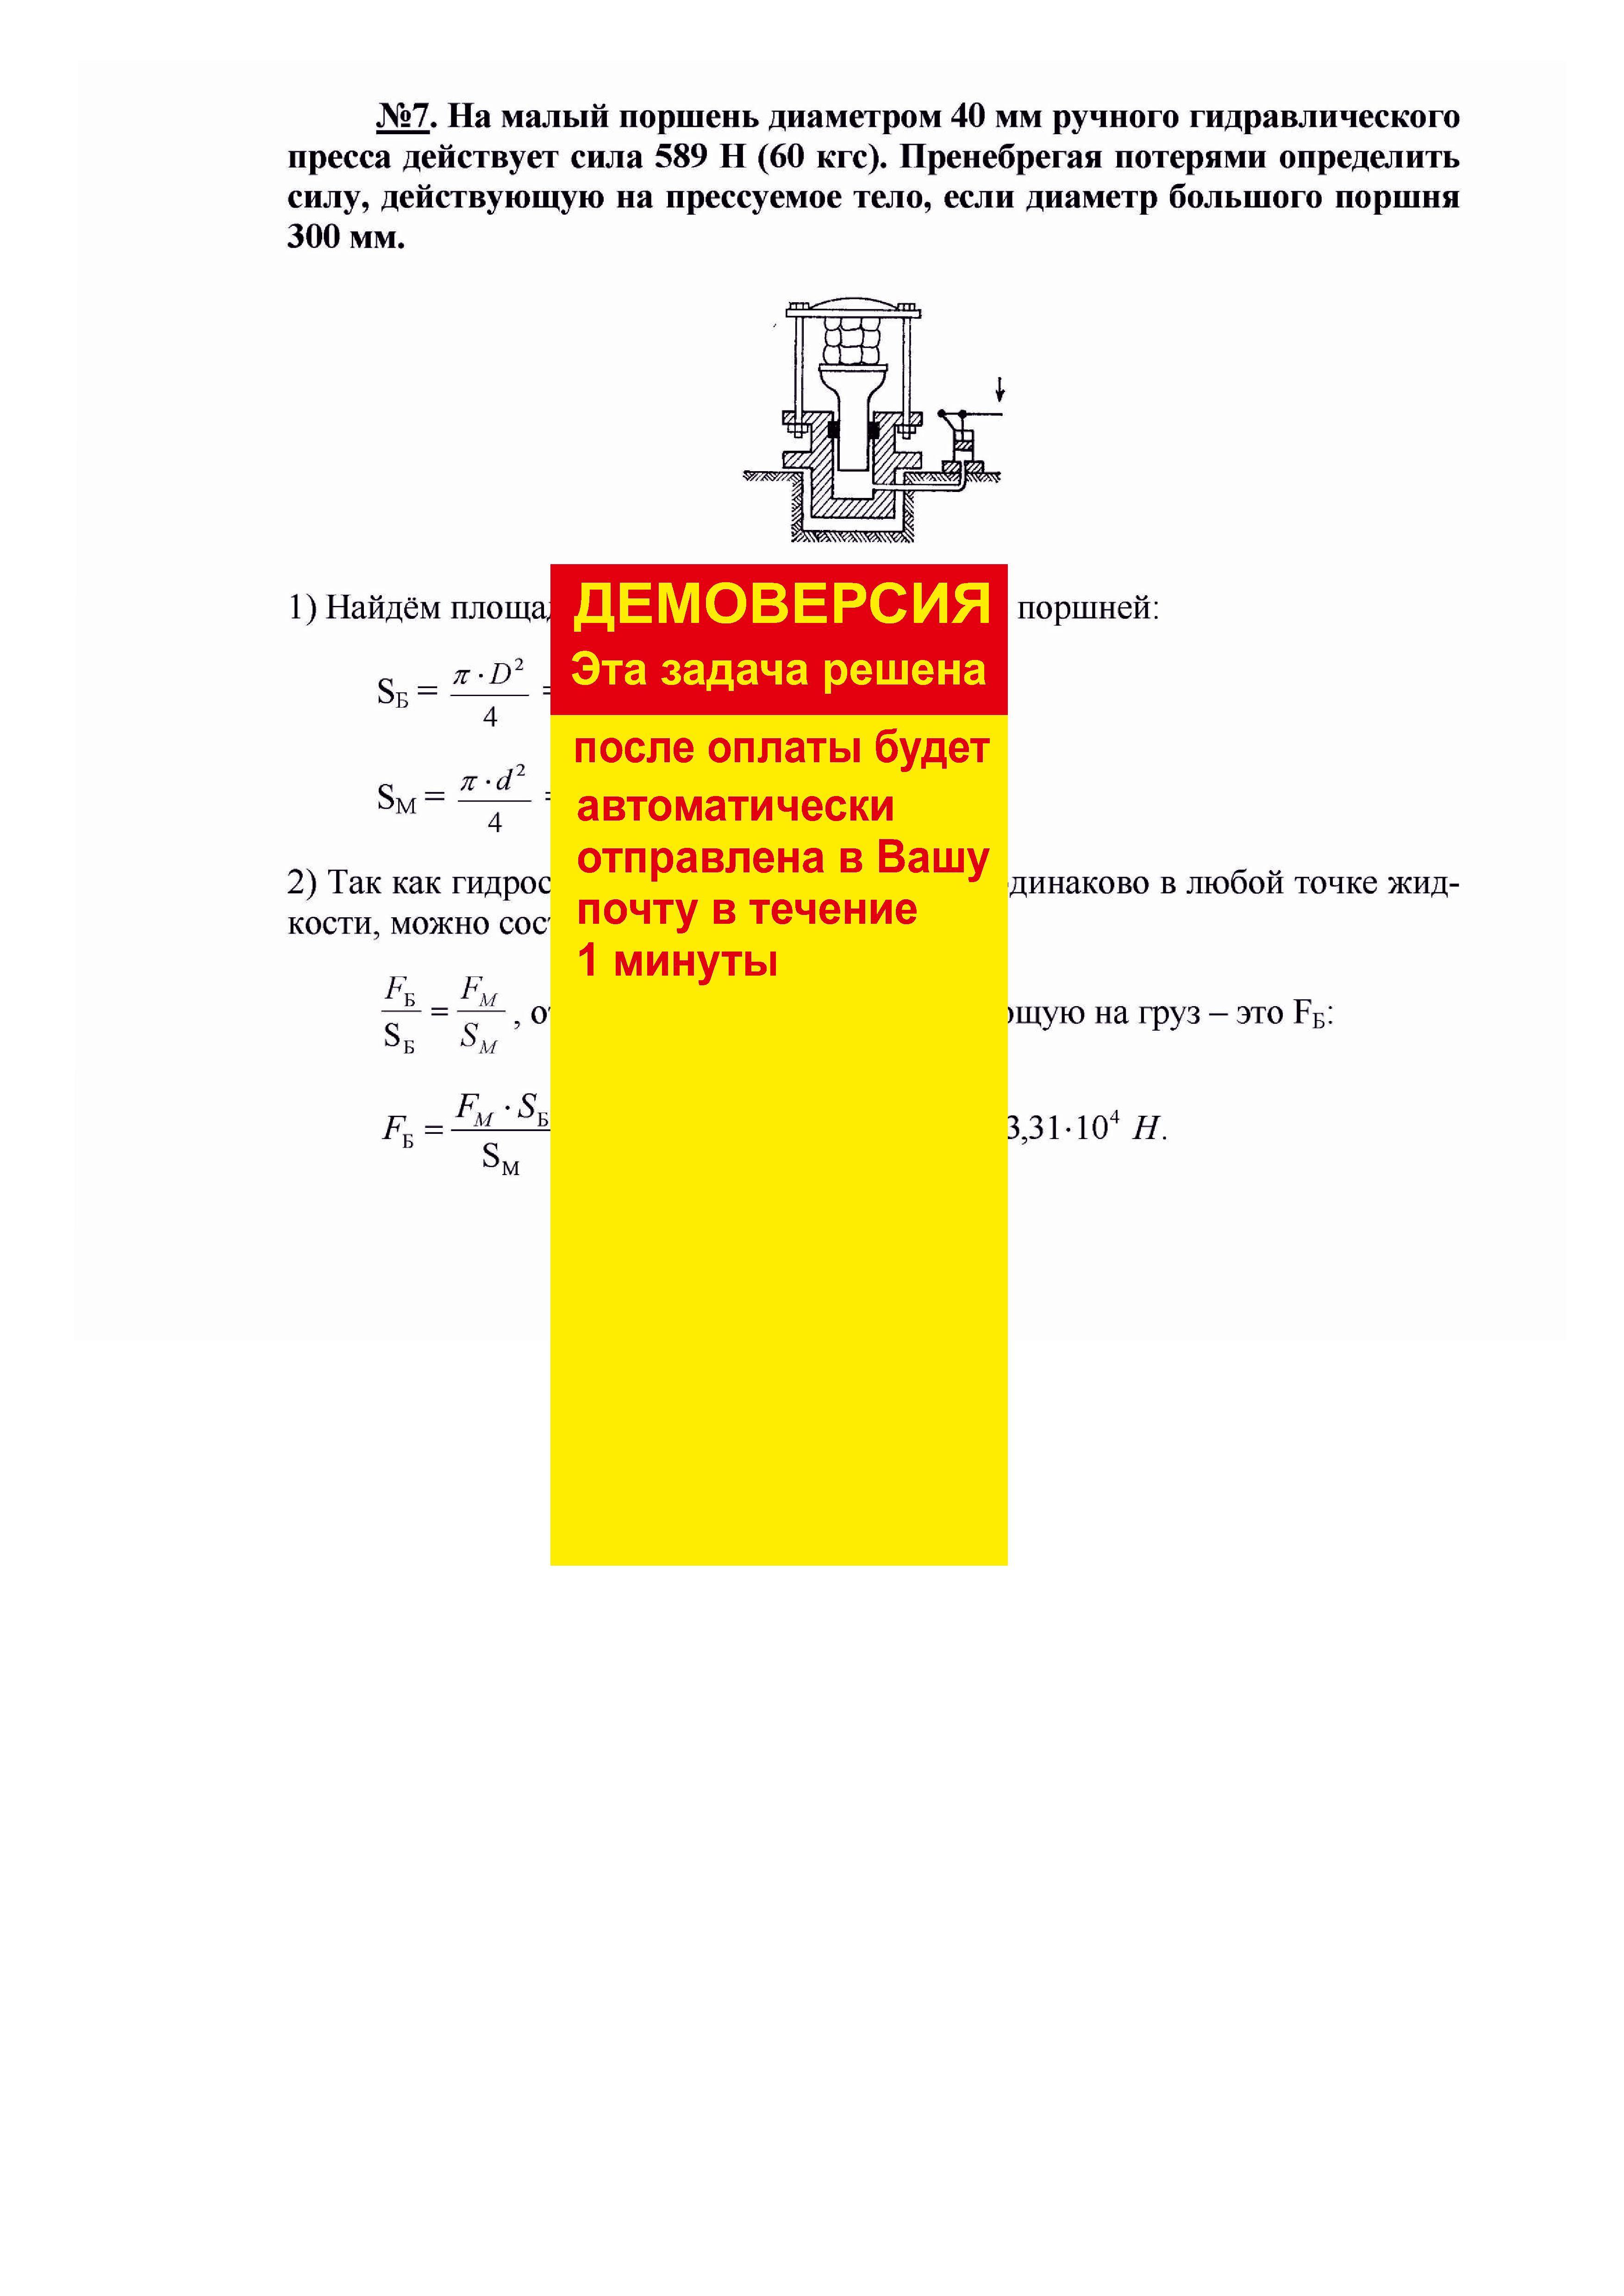 Решение задачи 1.7 по ПАХТ из задачника Павлова Романкова Носкова